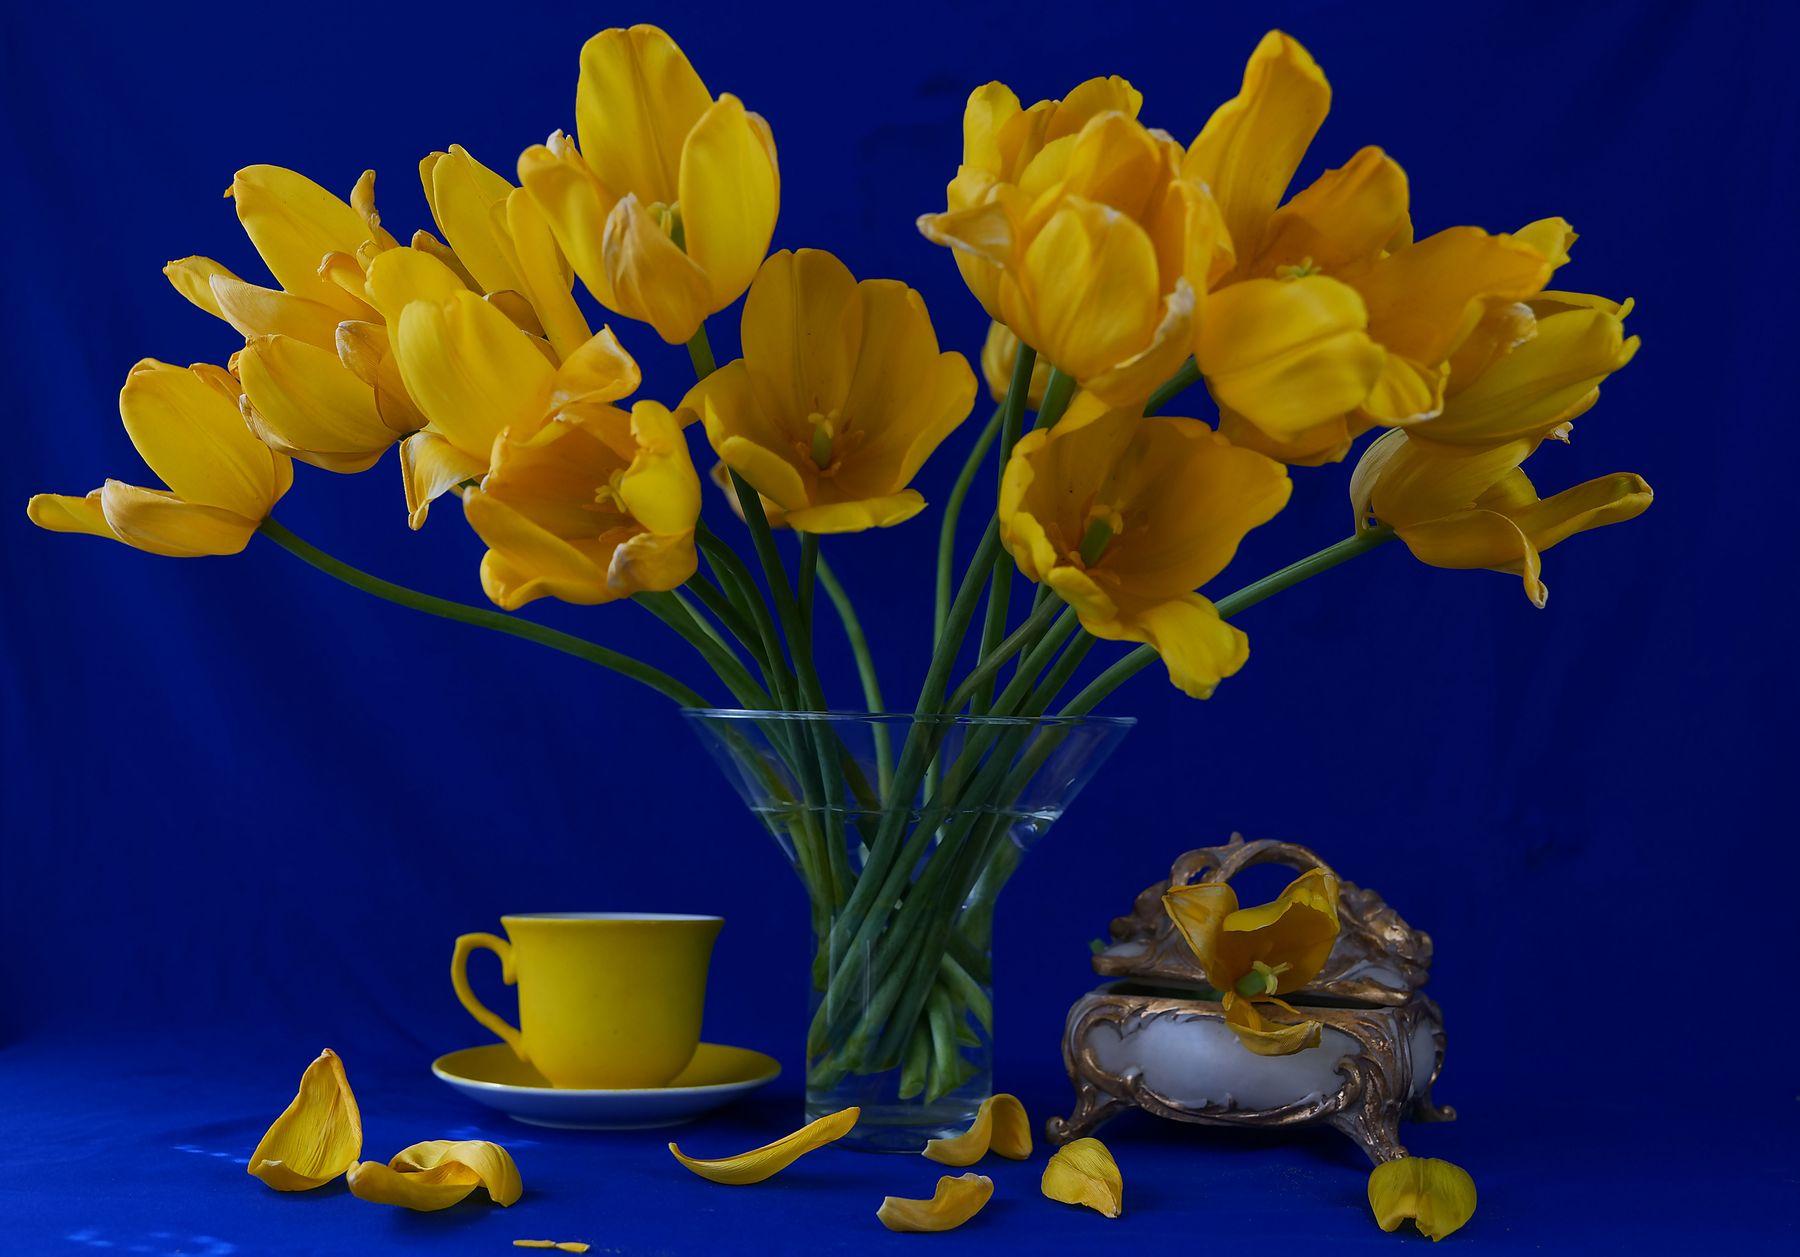 Фото-натюрморт тюльпаны желтые Фото-натюрморт тюльпаны желтые